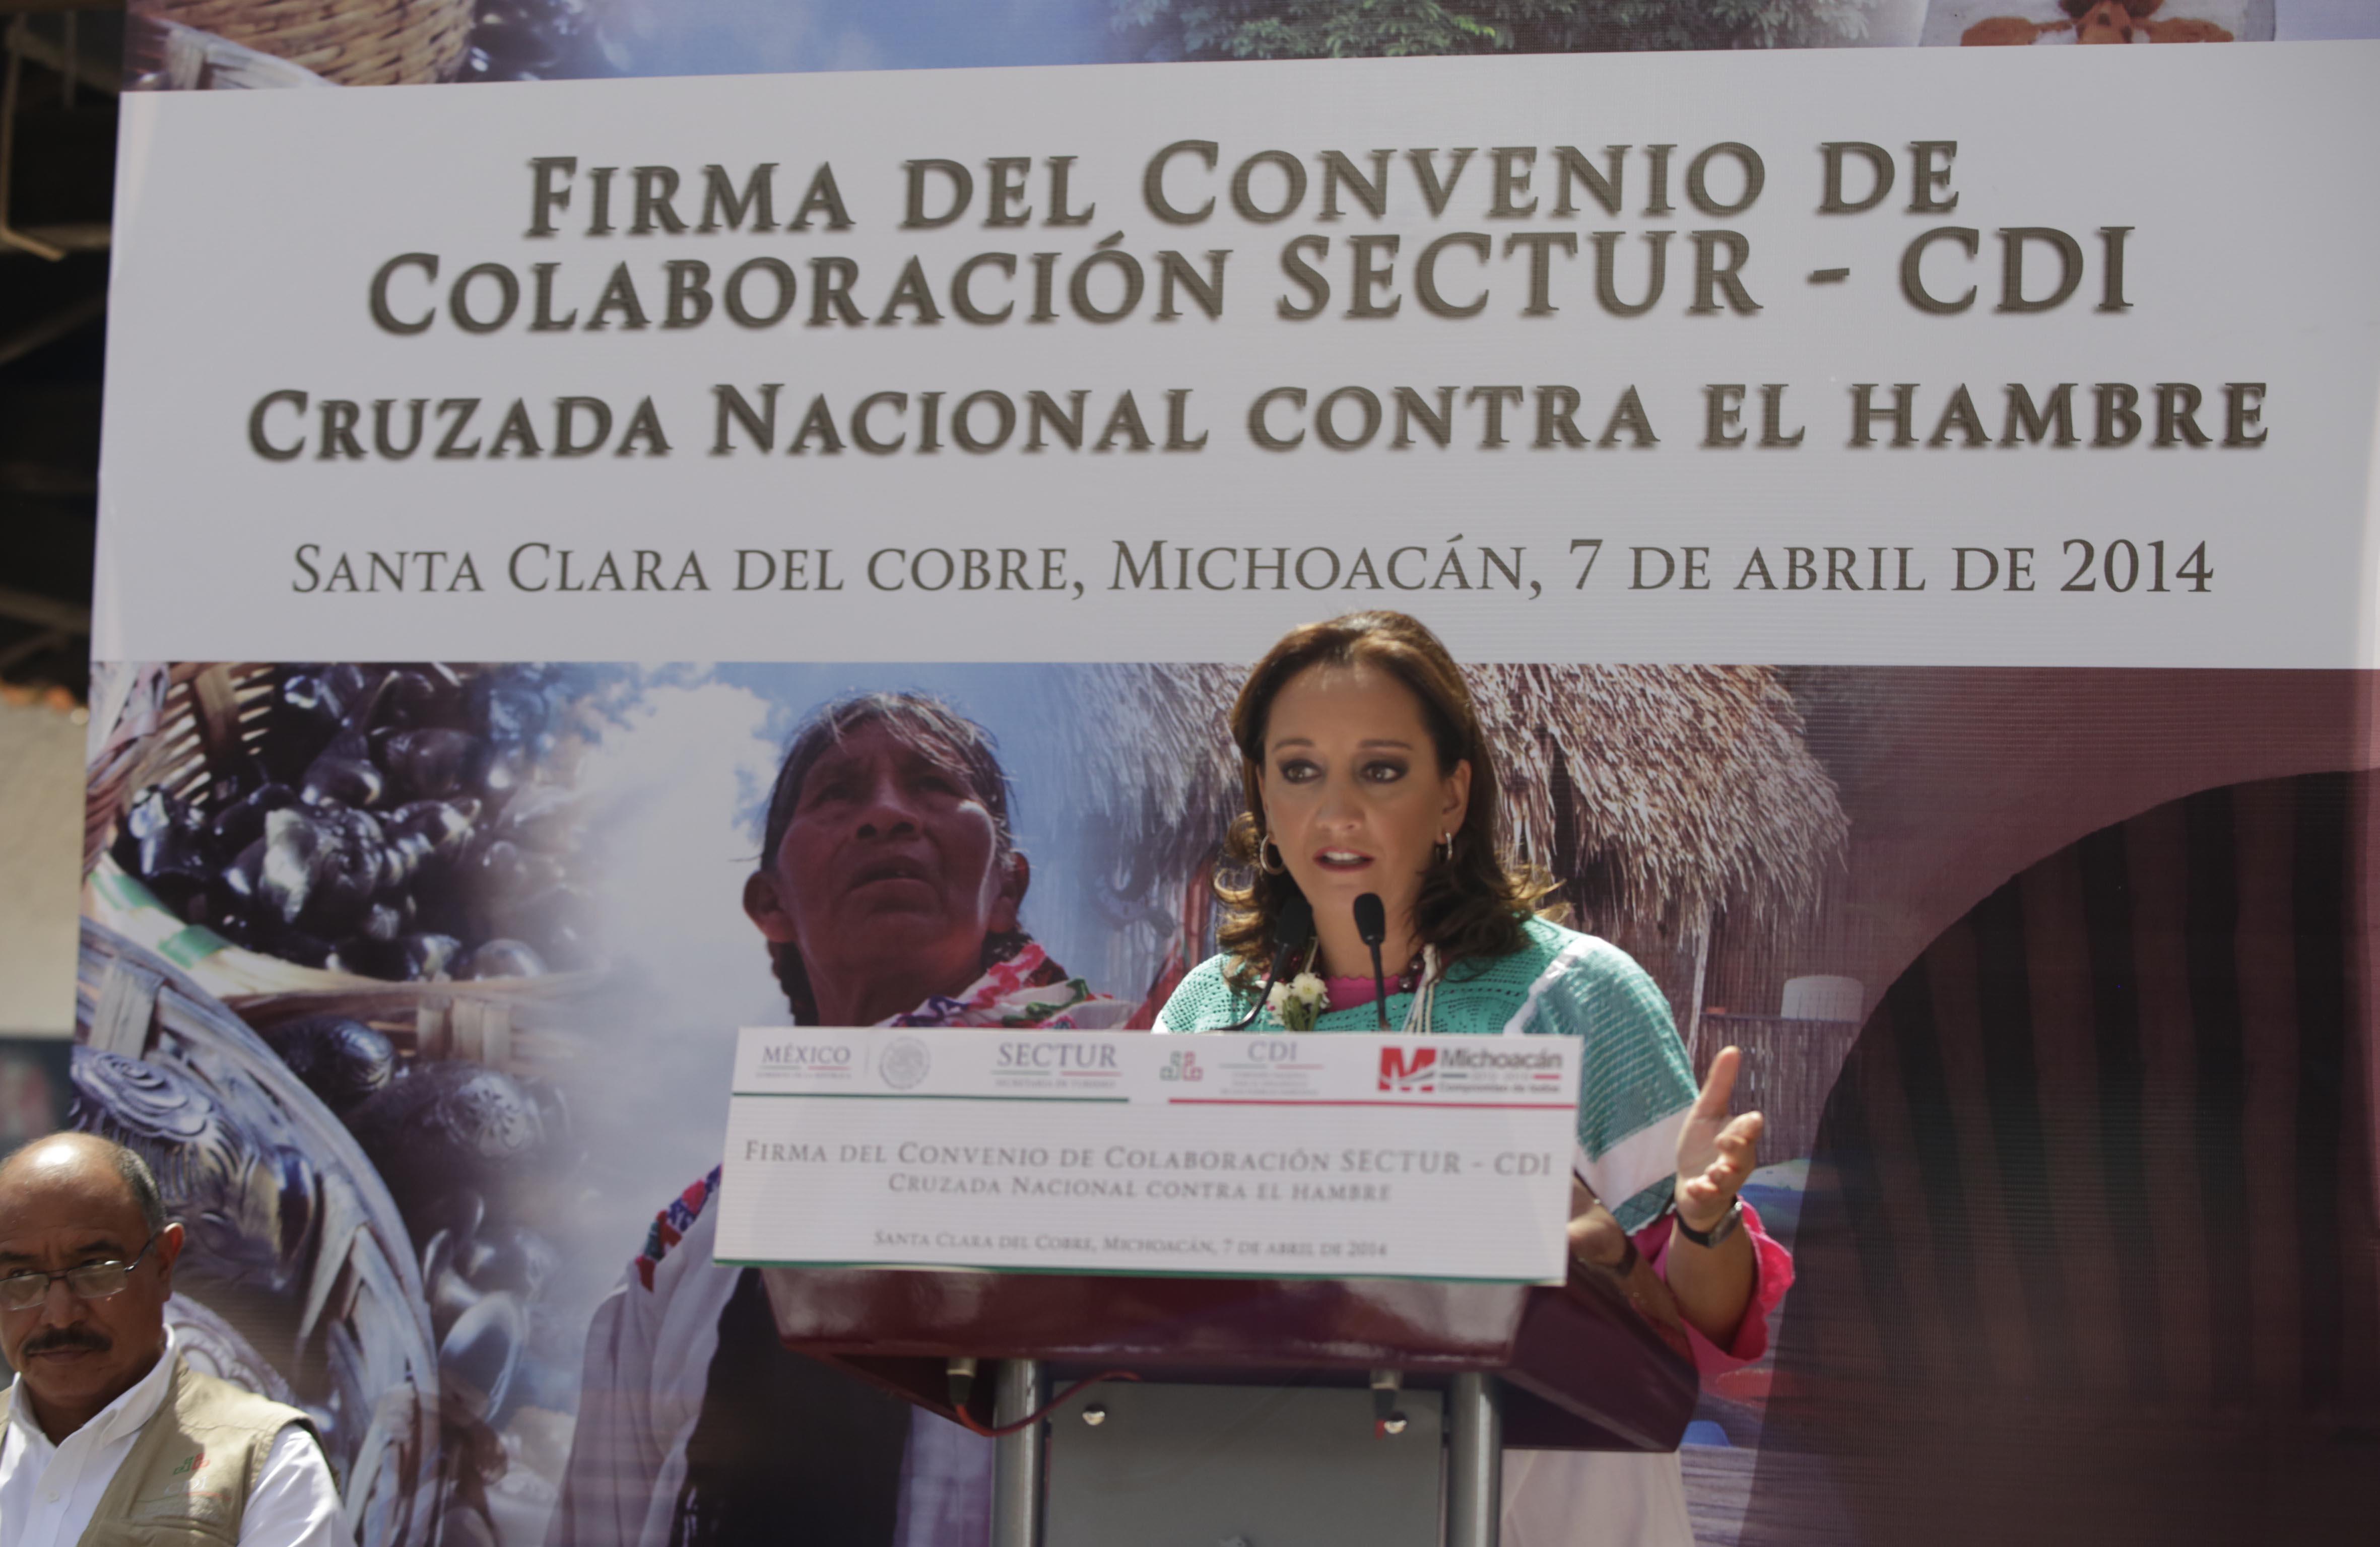 La Secretaria de Turismo, Claudia Ruiz Massieu, firmó convenio colaboración con la Directora General de la Comisión para el Desarrollo de los Pueblos Indígenas, Nuvia Mayorga Delgado, en el marco de la Cruzada Nacional contra el Hambre.